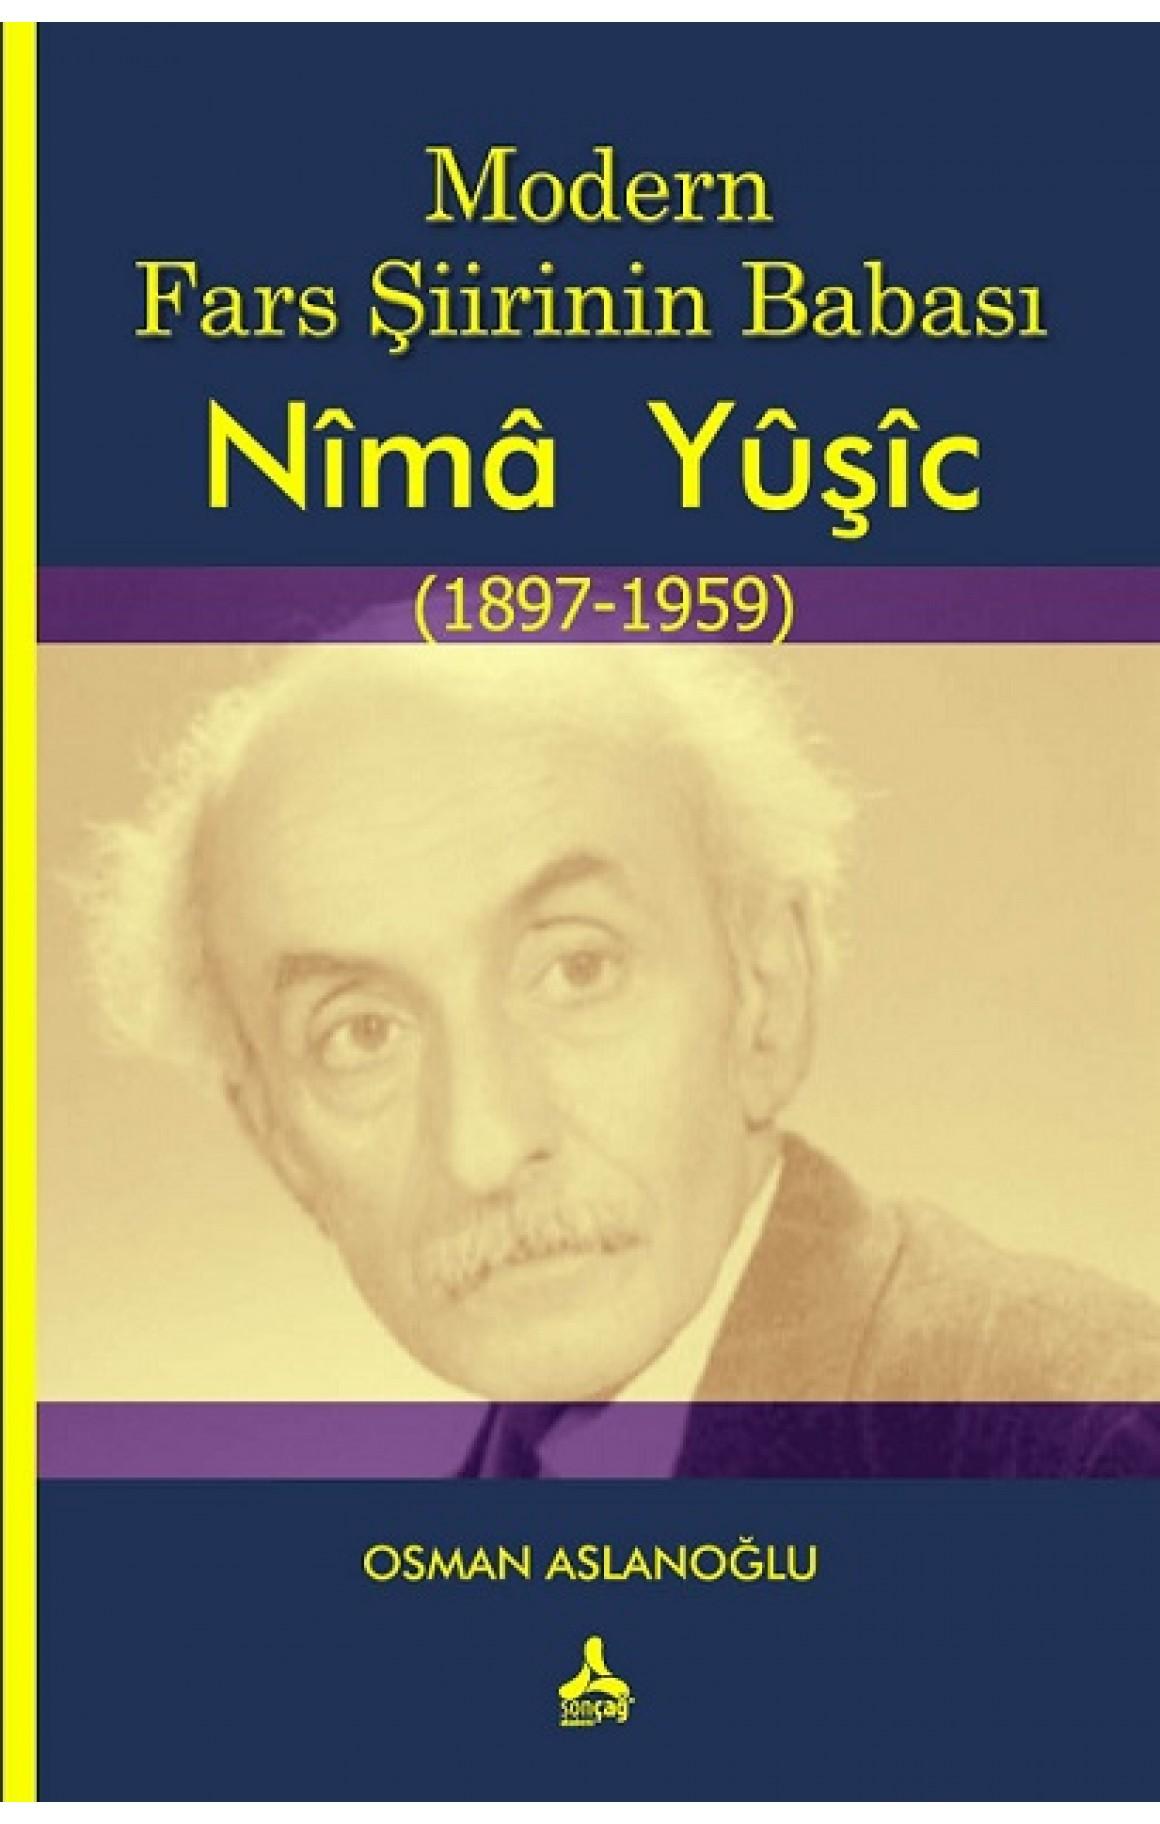 Modern Fars Şiirinin Babası Nîmâ Yûşîc (1897-1959)